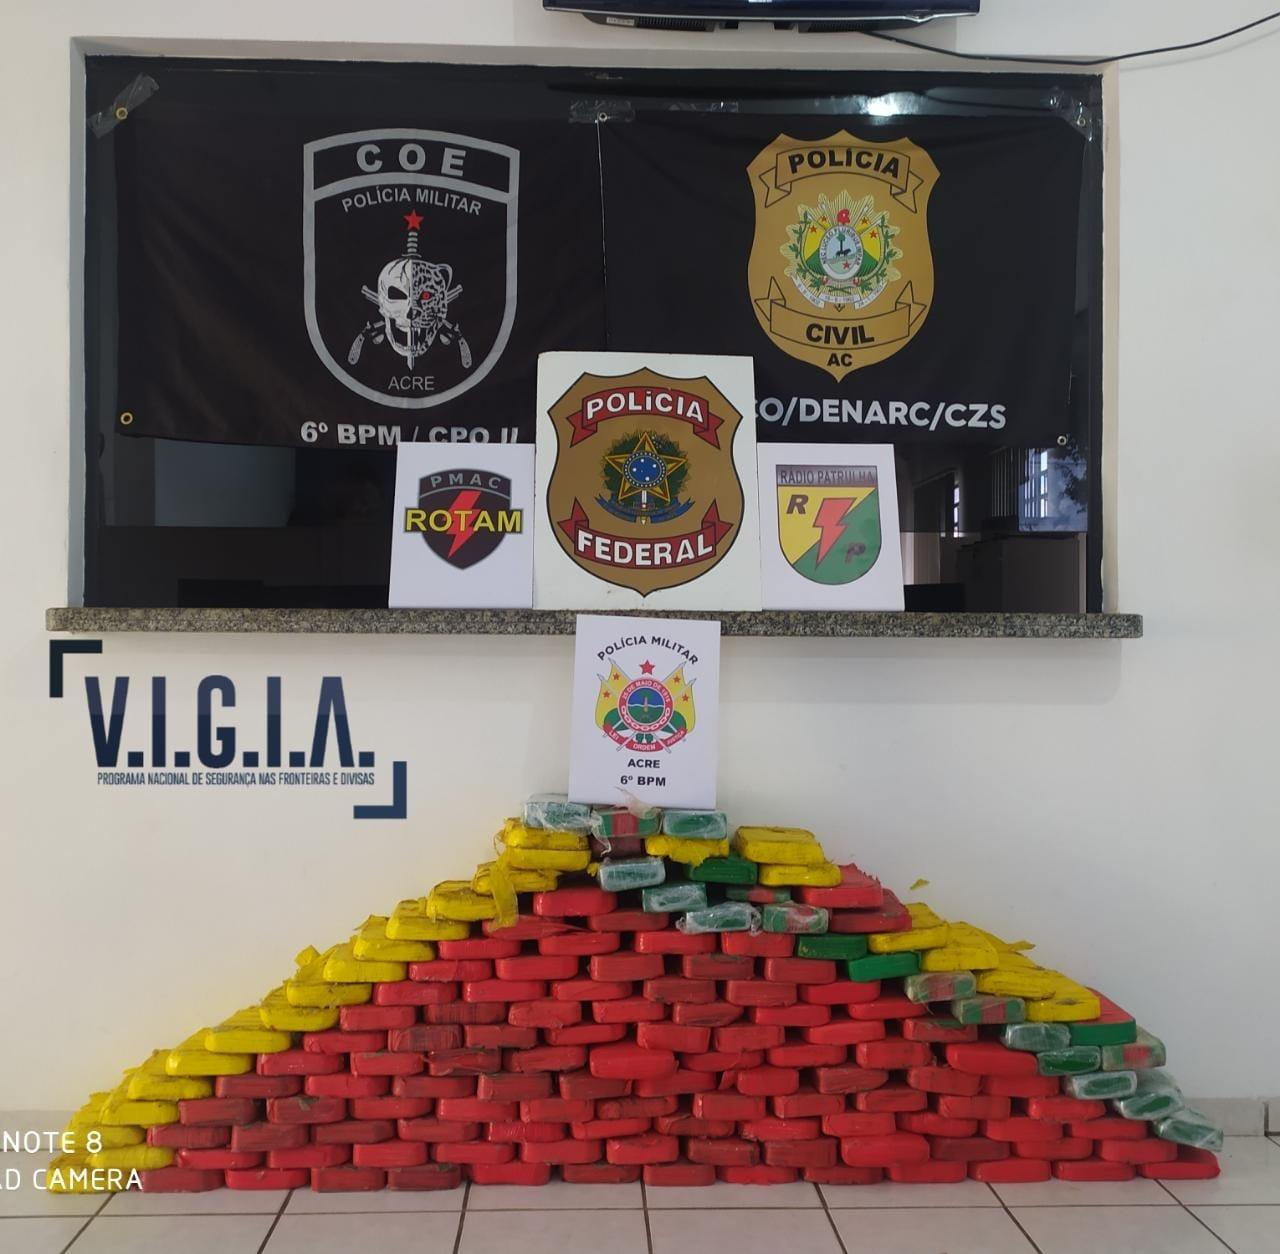 Operação apreende 148 quilos de cocaína em Cruzeiro do Sul; prejuízo é de R$ 1,6 milhões